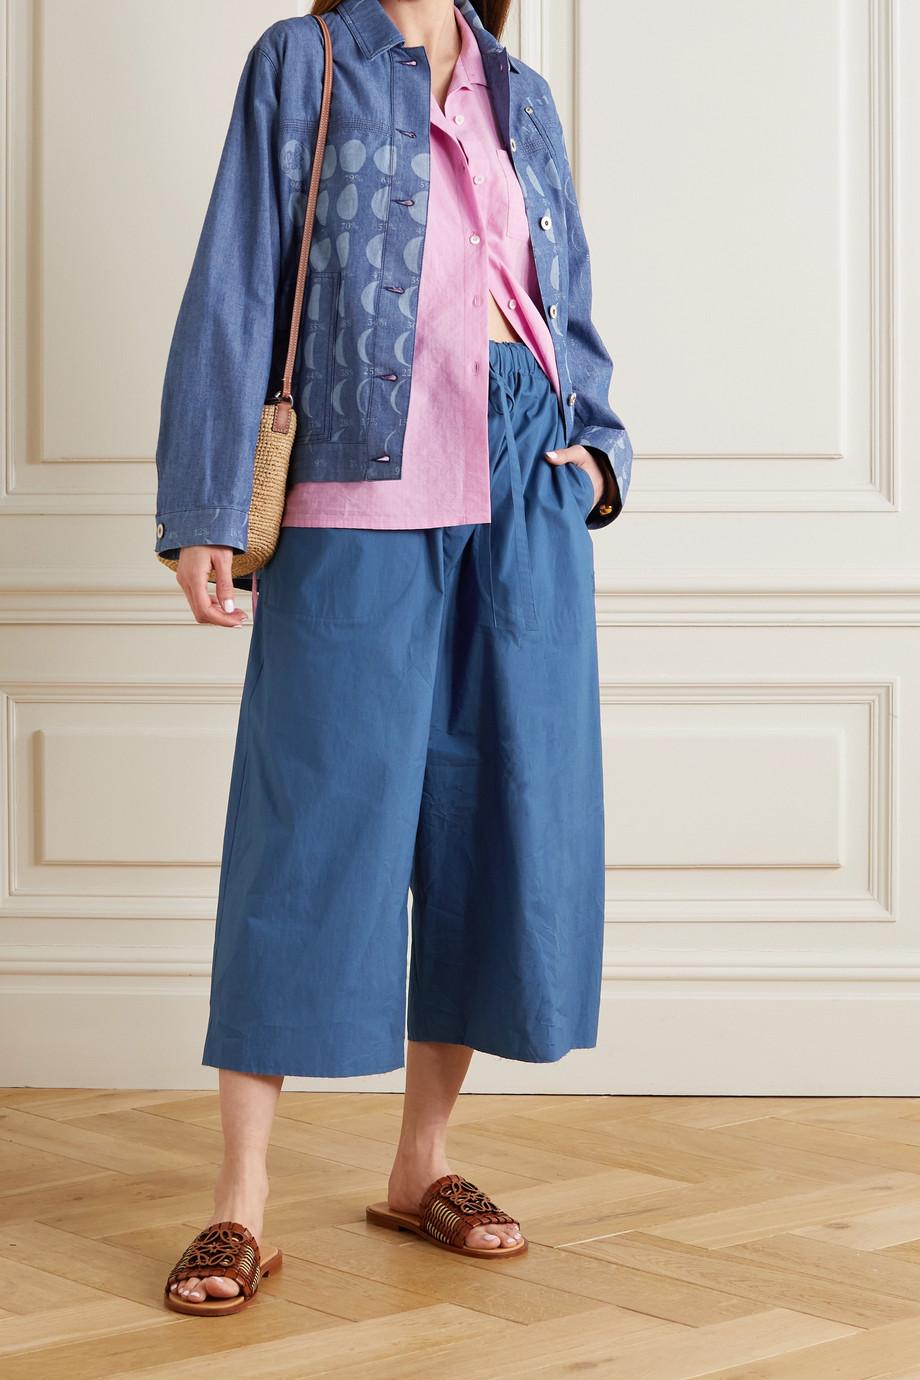 Loewe + Paula's Ibiza verkürzte Hose mit weitem Bein aus Baumwolle